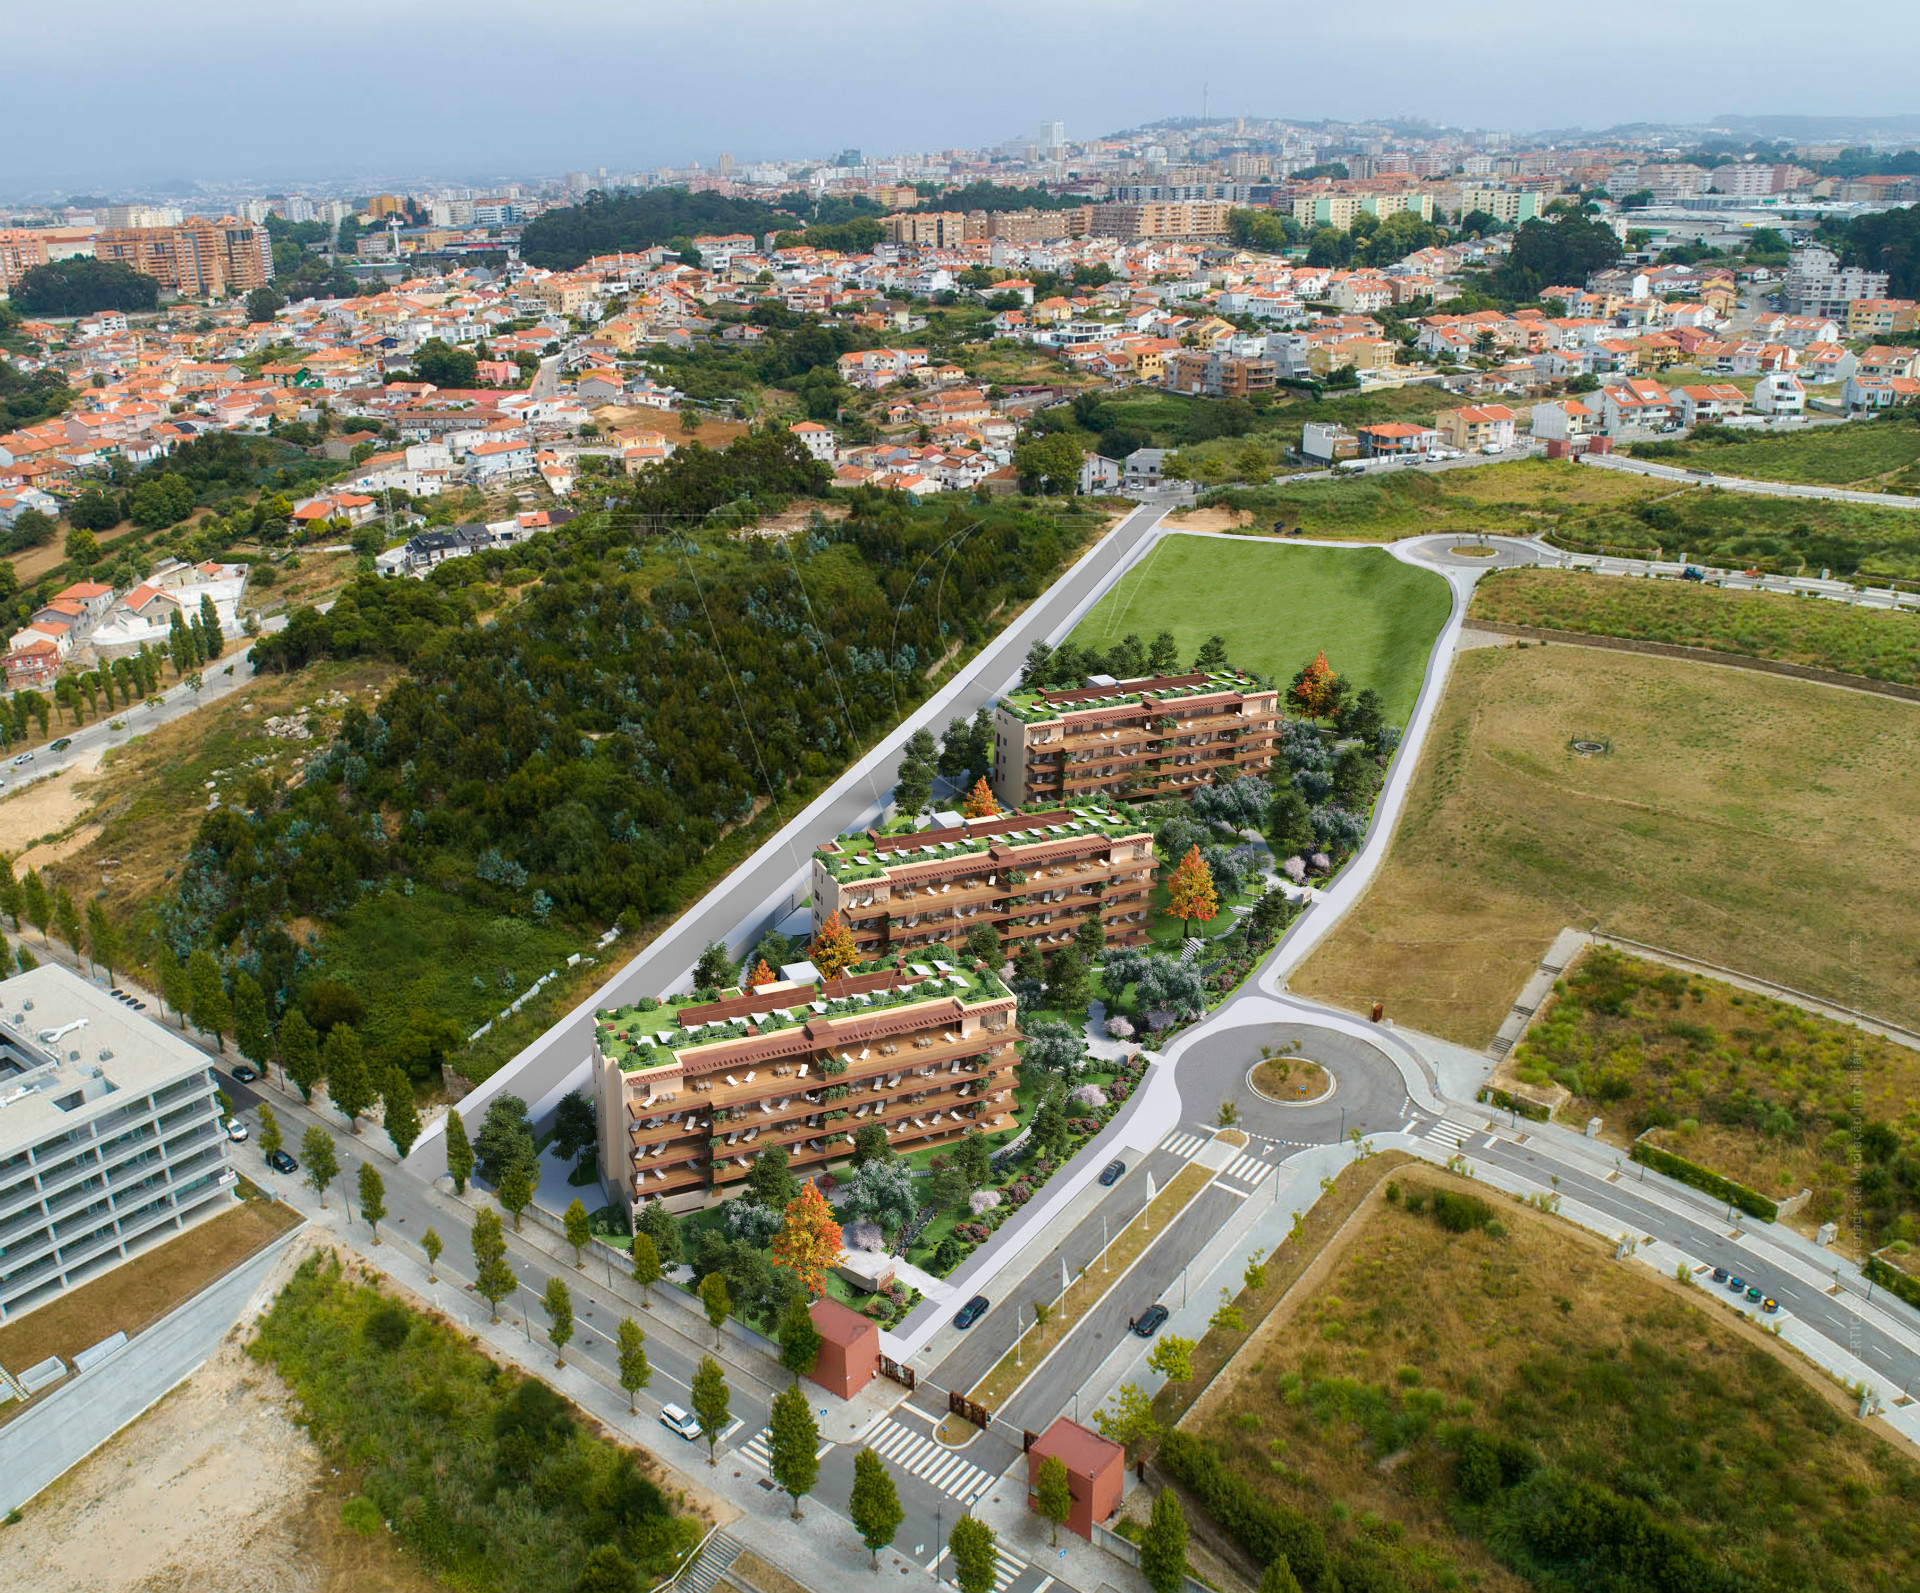 Vérticus - Soc. de Mediação Imobiliária, Lda.